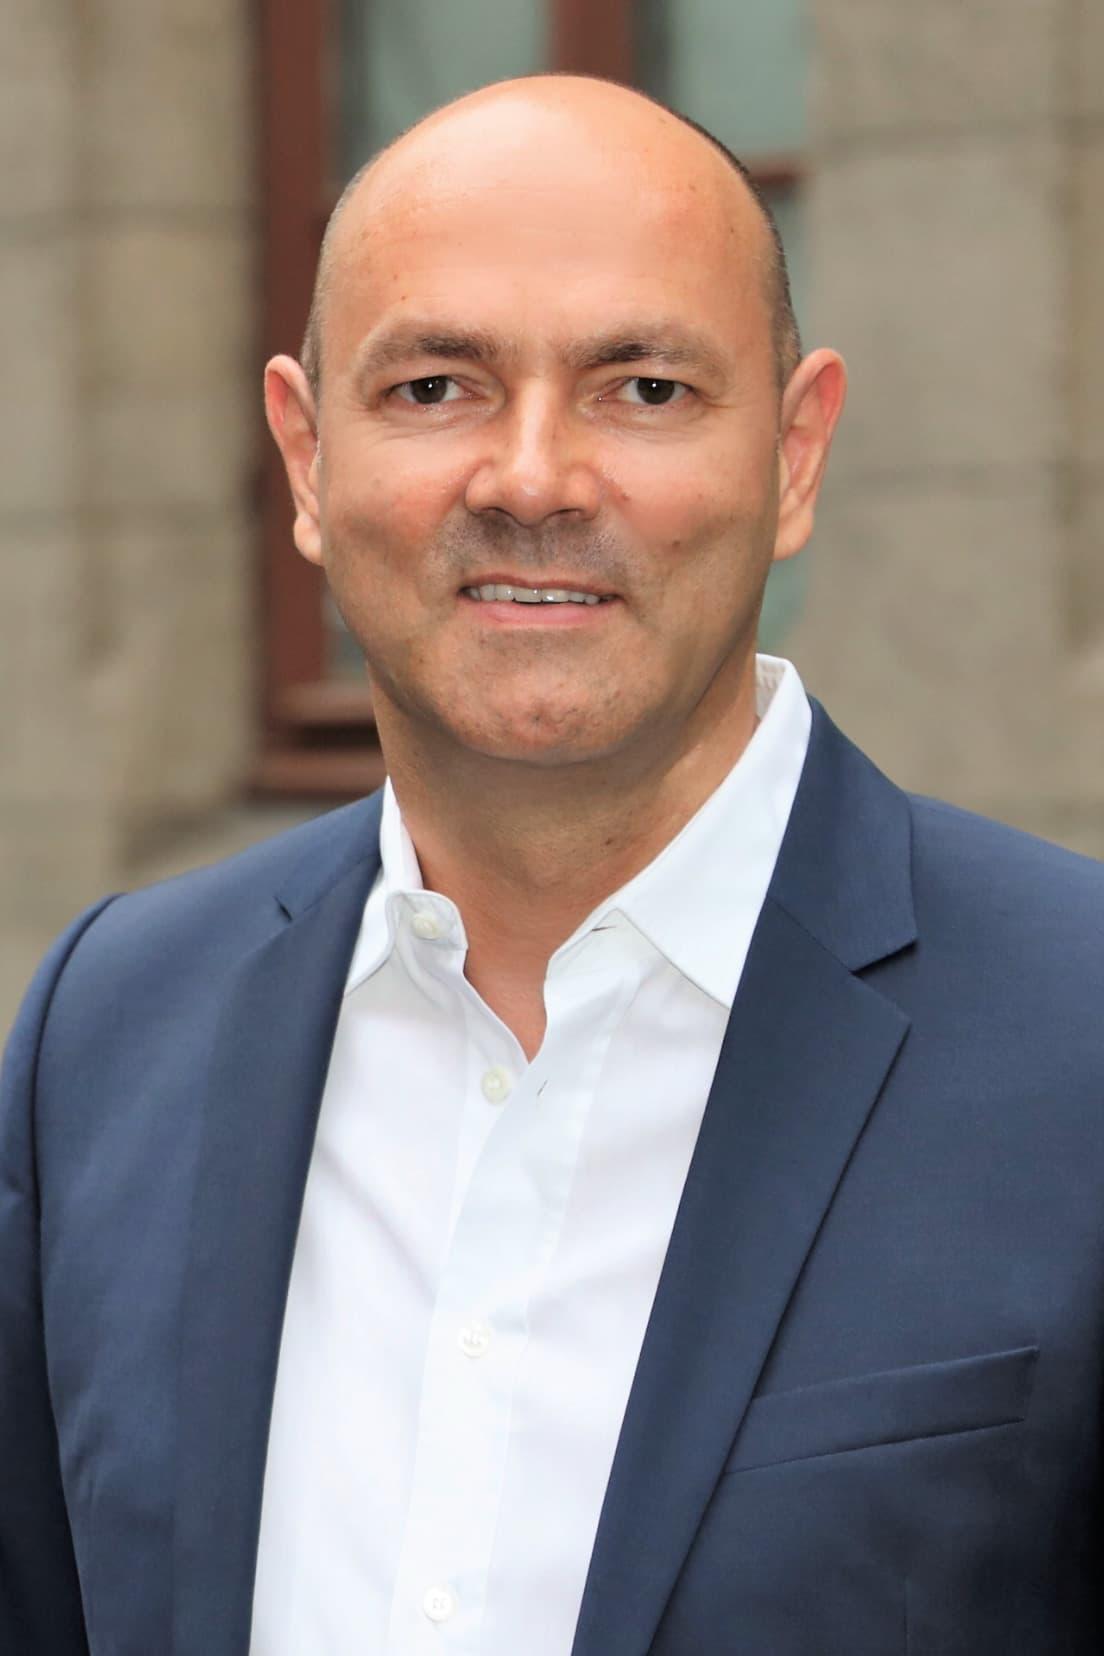 Alexander Stricker geschäftsführender Gesellschafter der Charamel GmbH